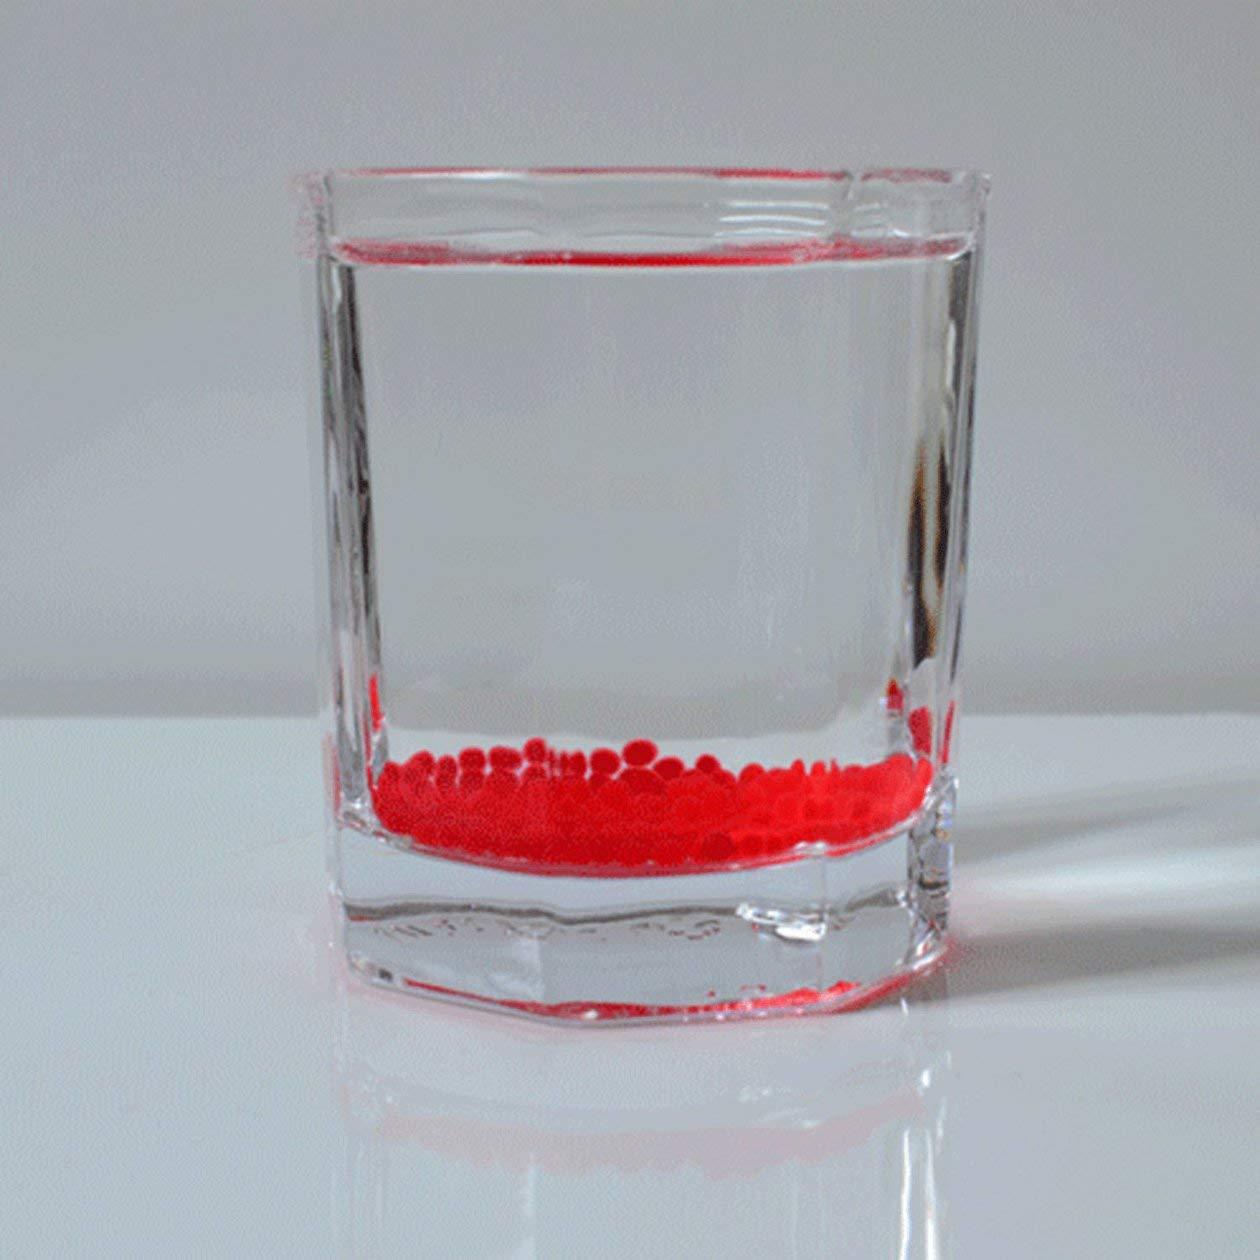 Set-Wasser-Gewehr Kugel ungiftige Orbeez weiche Kristallwasser-Paintball-Gewehr-Kugel-Wasser-Perlen Kugeln Spielzeug f/ü r Wasserpistole Heraihe 20000PCS